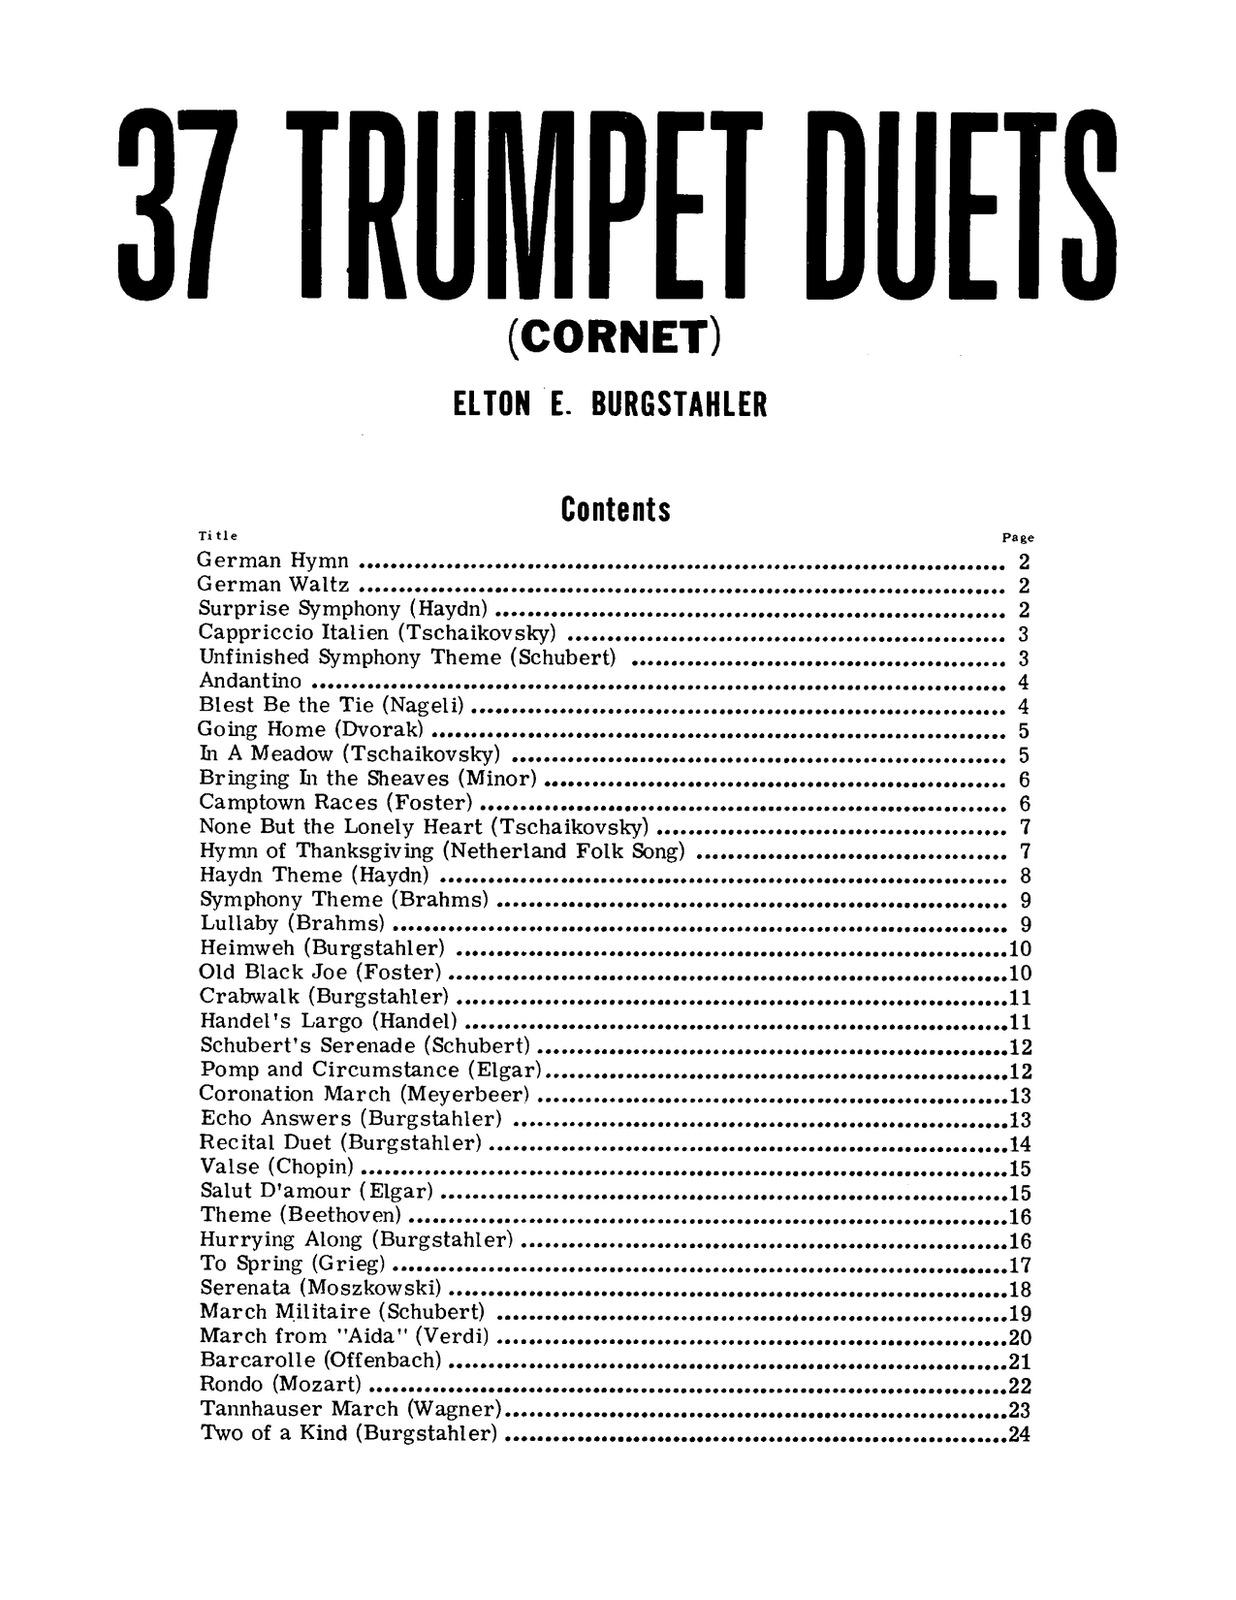 Burgstahler, Elton E, 37 Trumpet Duets-p03